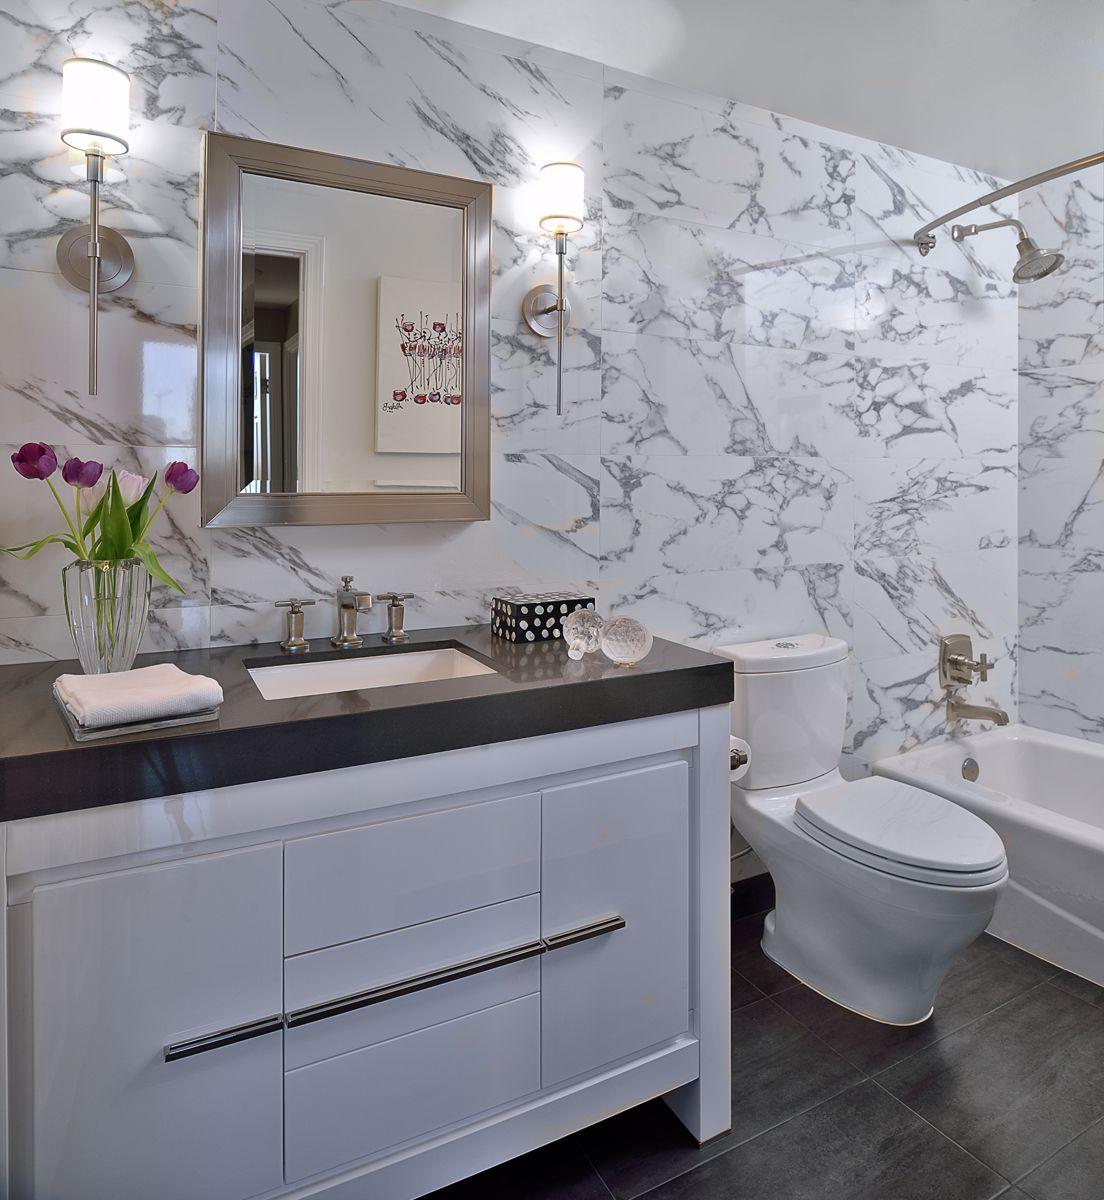 Bathroom designed by wendt design group llc www wendtdesign com interiordesign bathroomdesign houstondesigner asiddesigner contemporarydesign